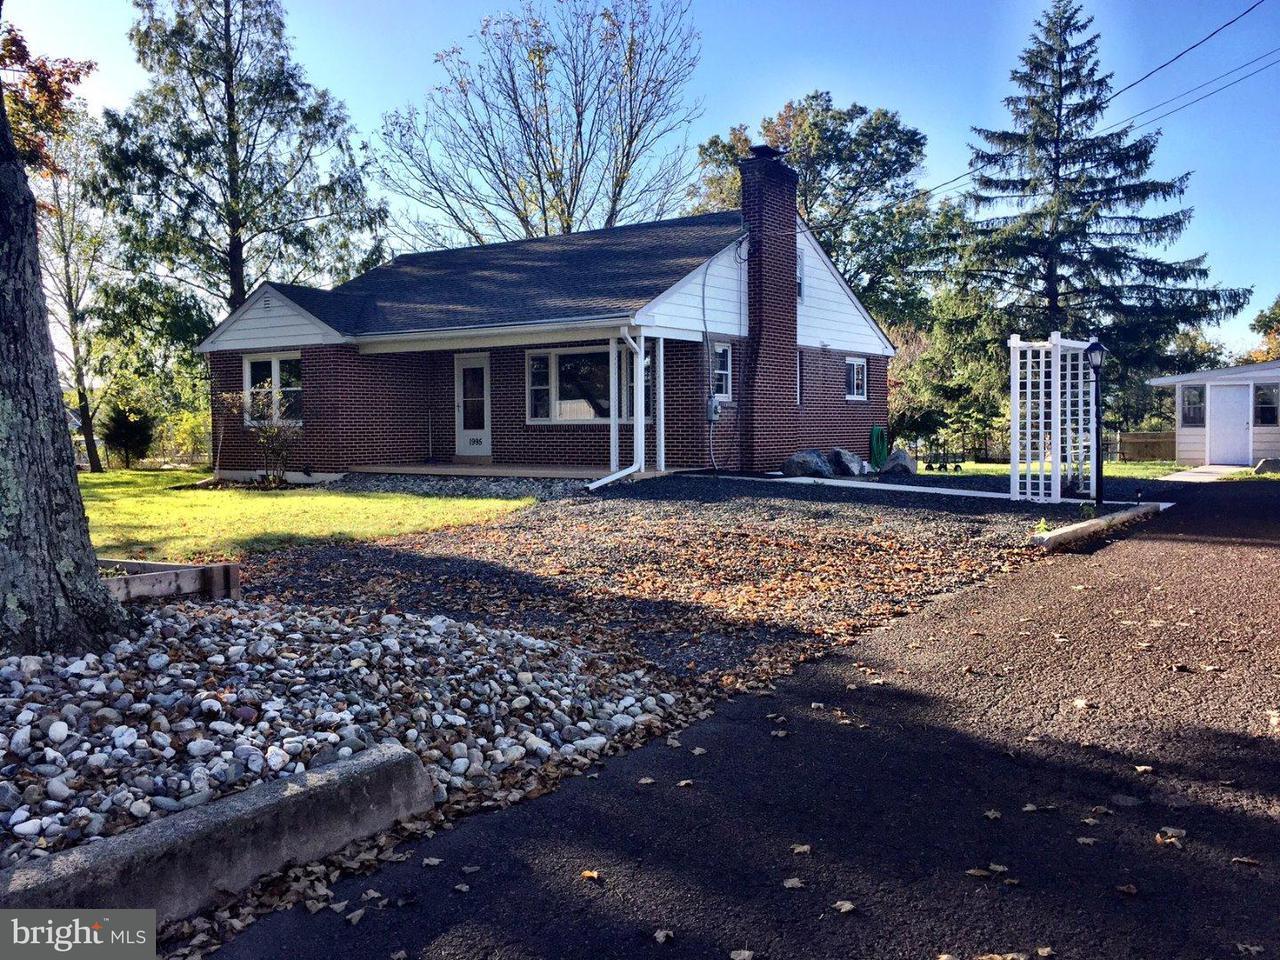 独户住宅 为 销售 在 1995 E CHERRY Lane Hilltown, 宾夕法尼亚州 18964 美国